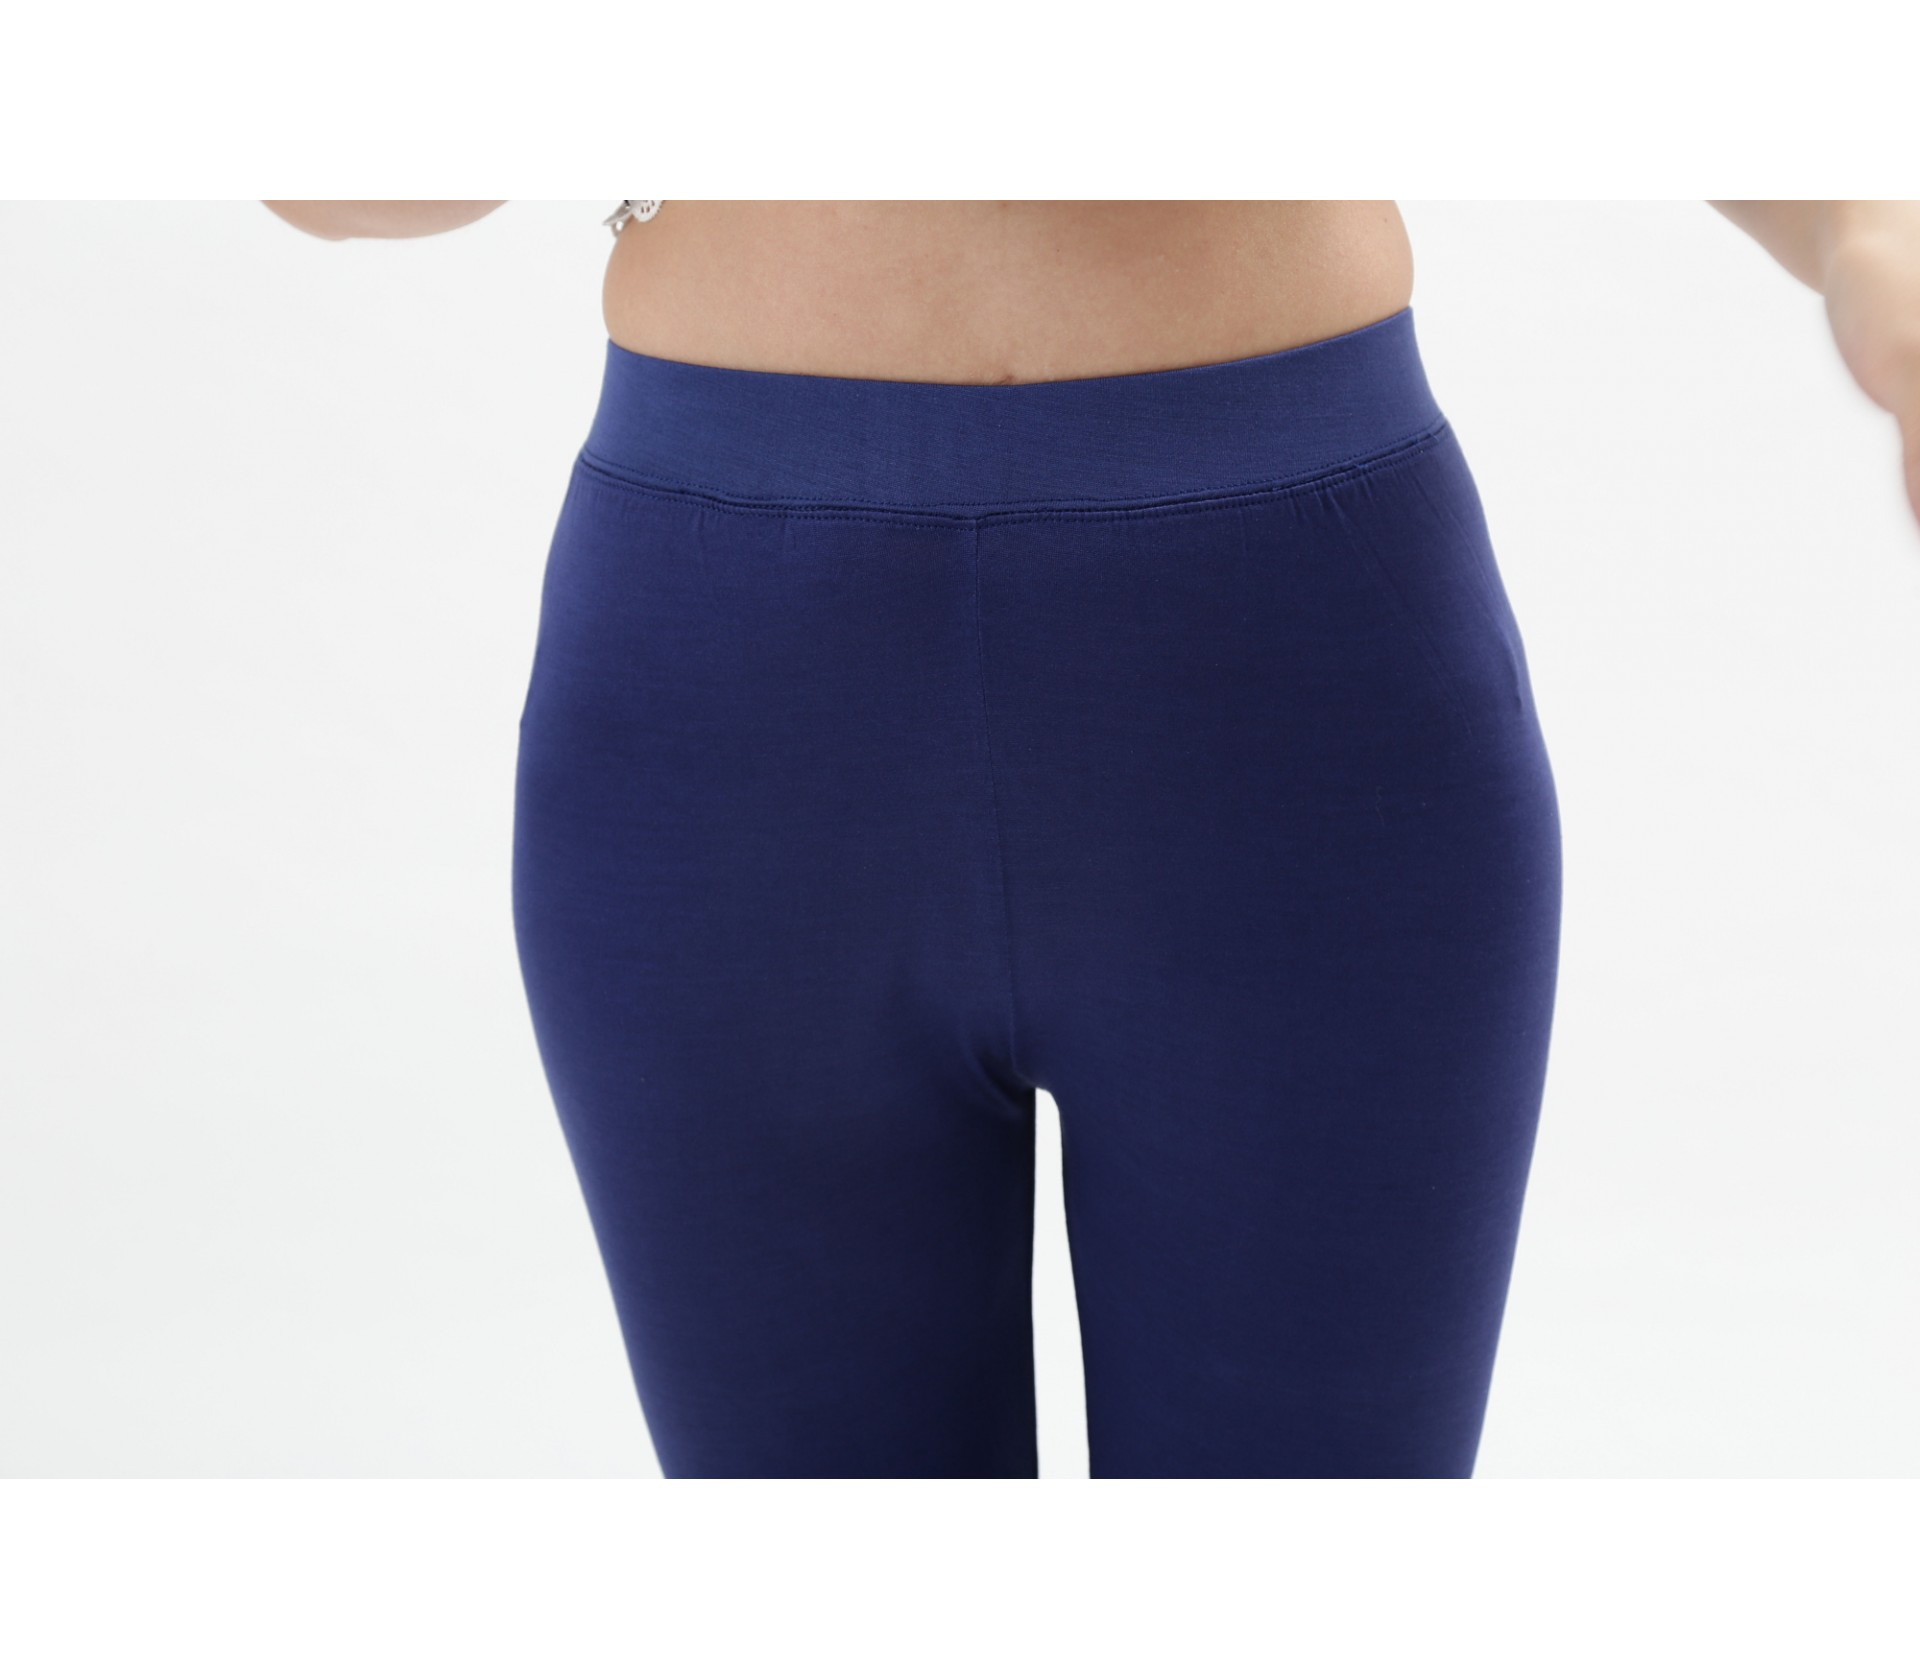 闕蘭絹百搭款舒適透氣100%蠶絲七分內搭褲-909(藍)